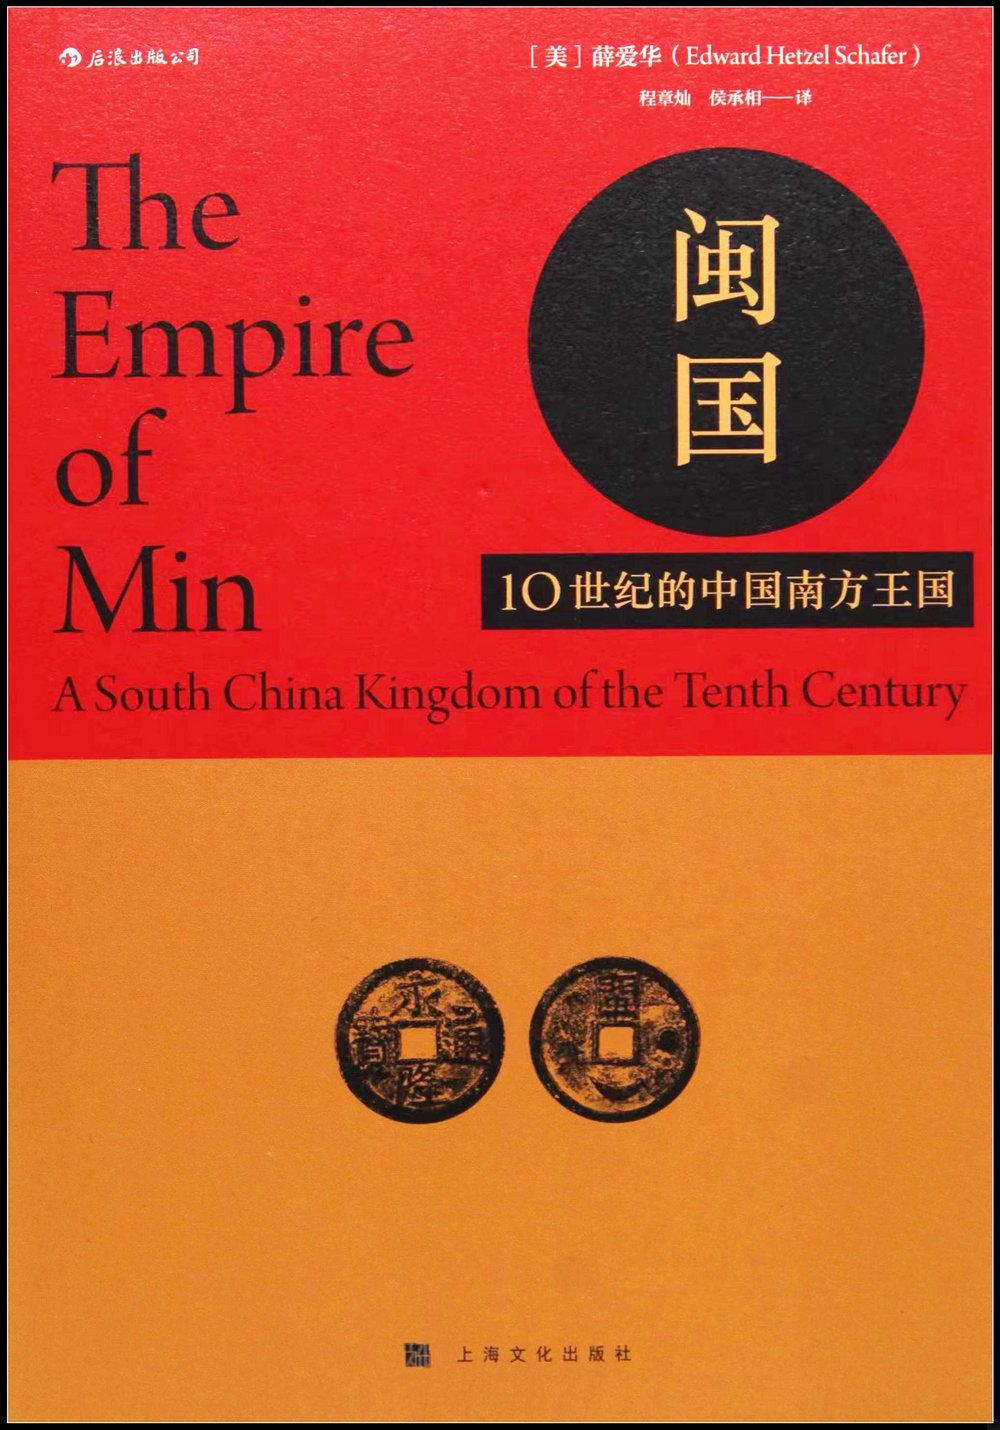 閩國:10世紀的中國南方王國